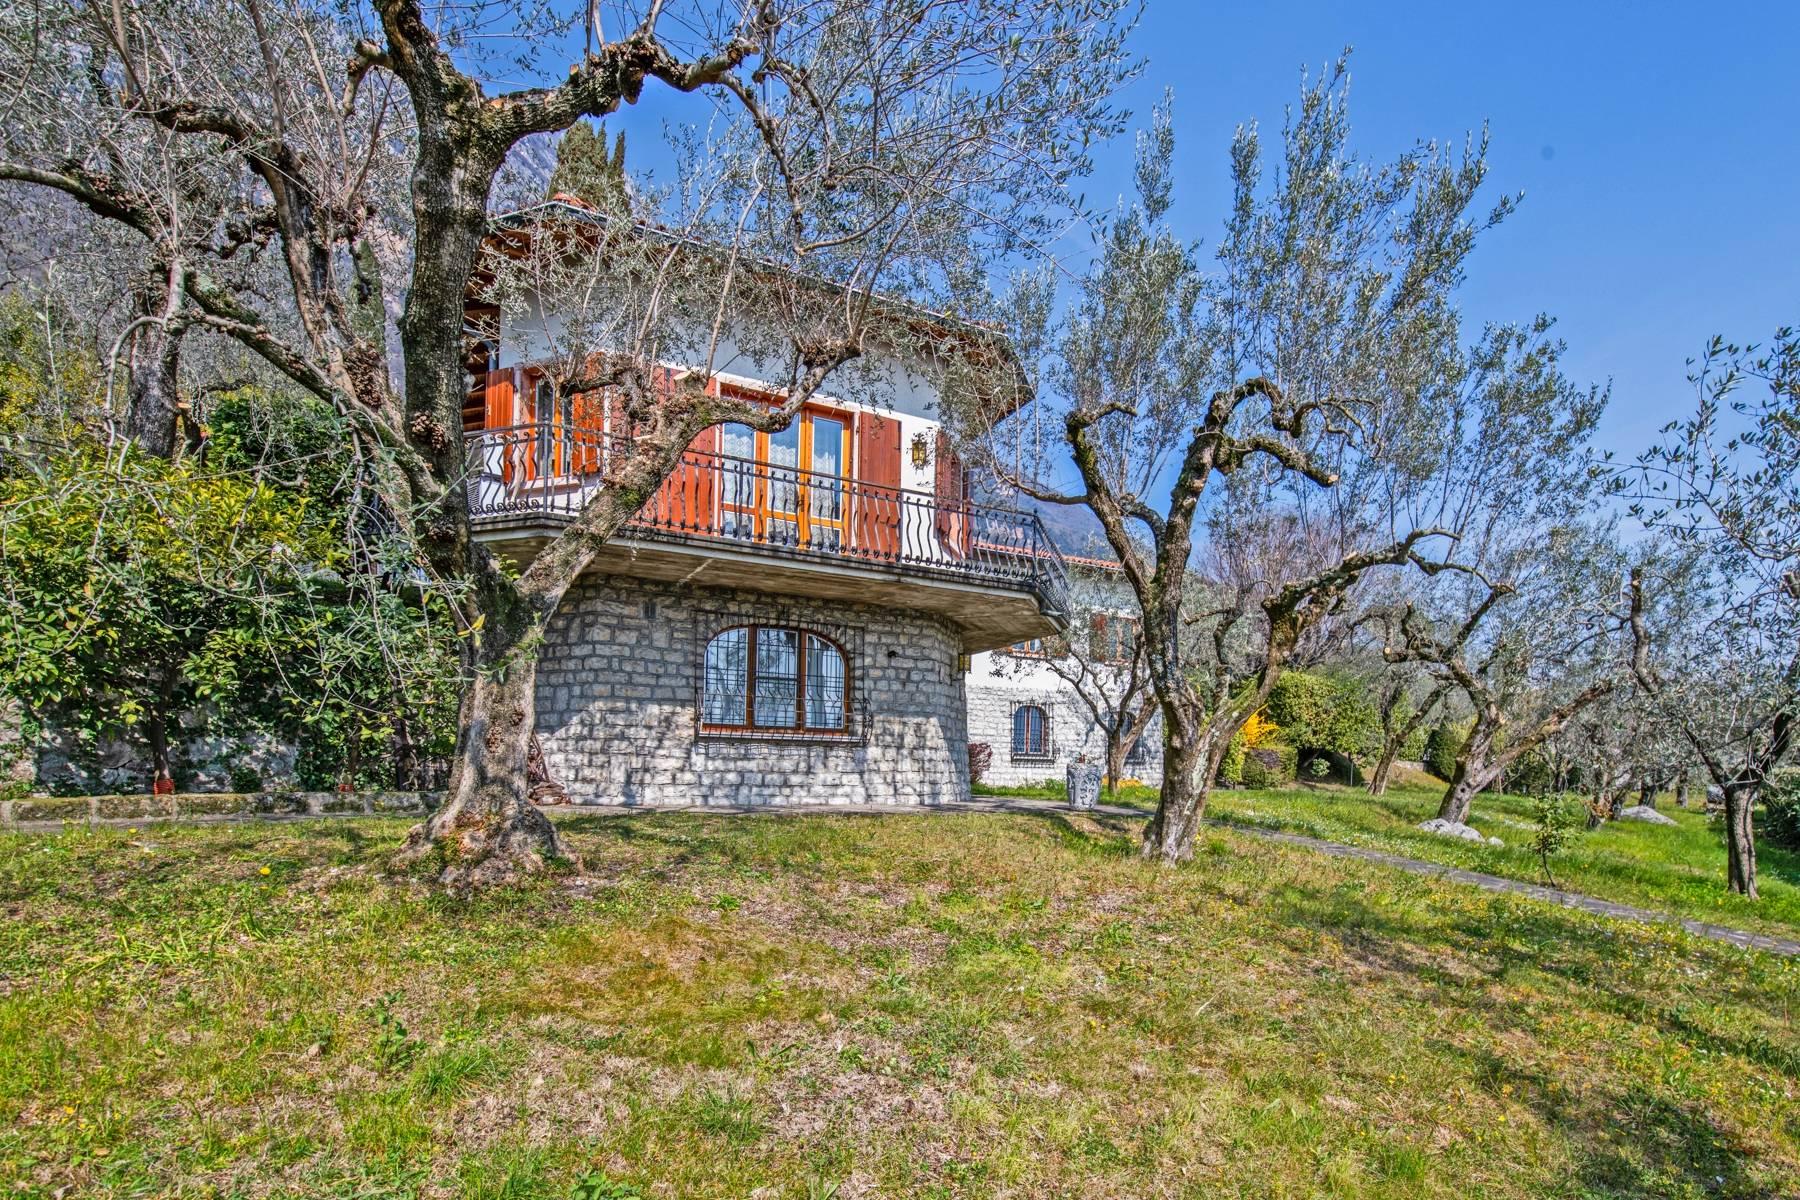 Villa in Vendita a Gargnano: 5 locali, 330 mq - Foto 27